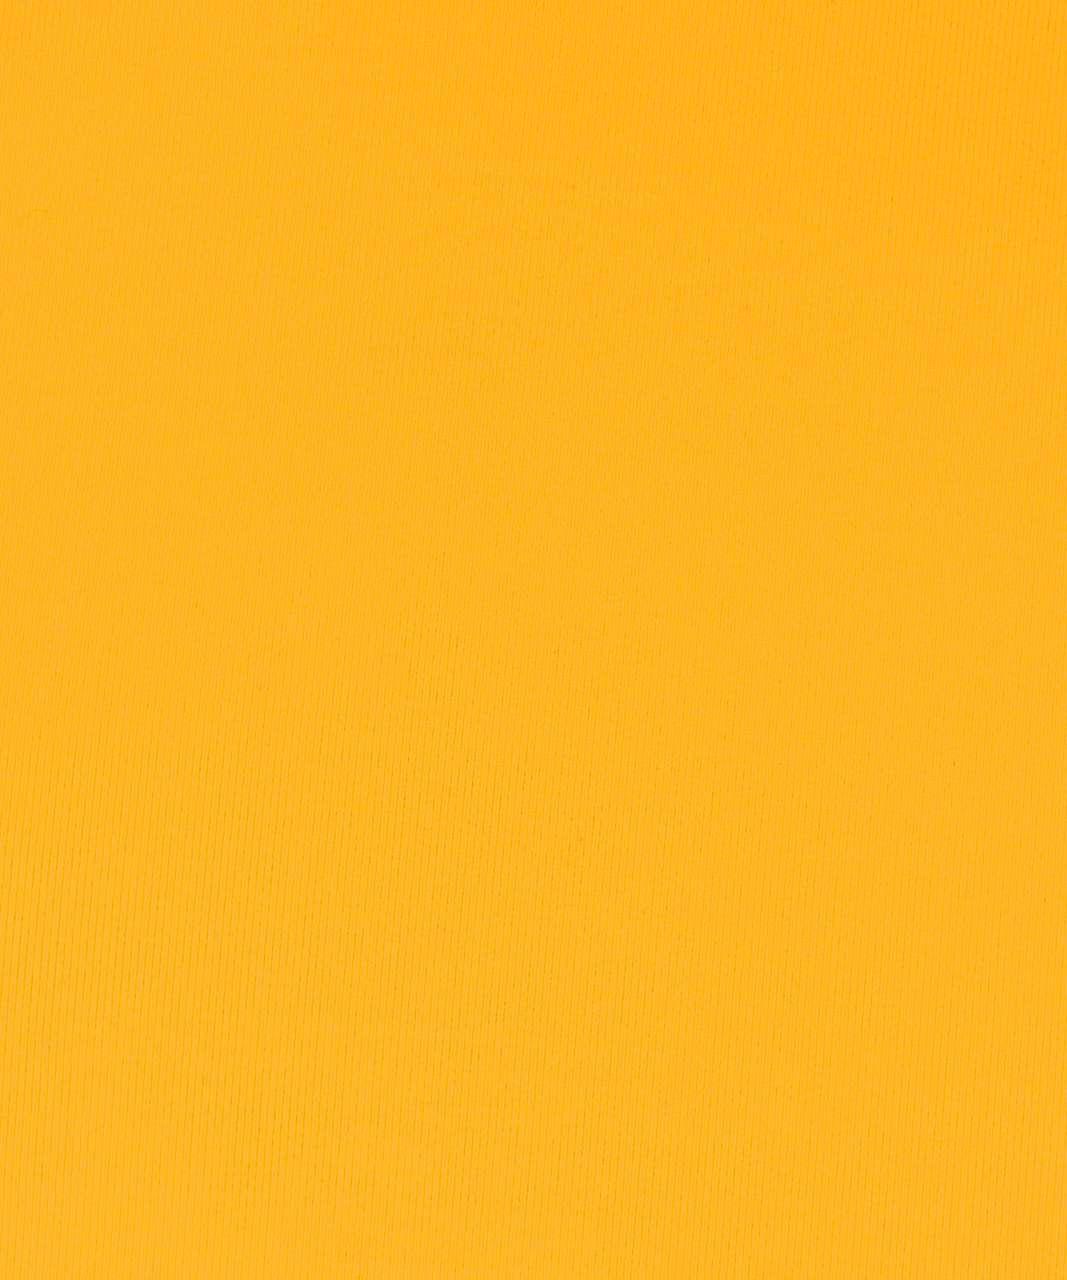 Lululemon Free To Be Serene Bra *High Neck - Honey Lemon